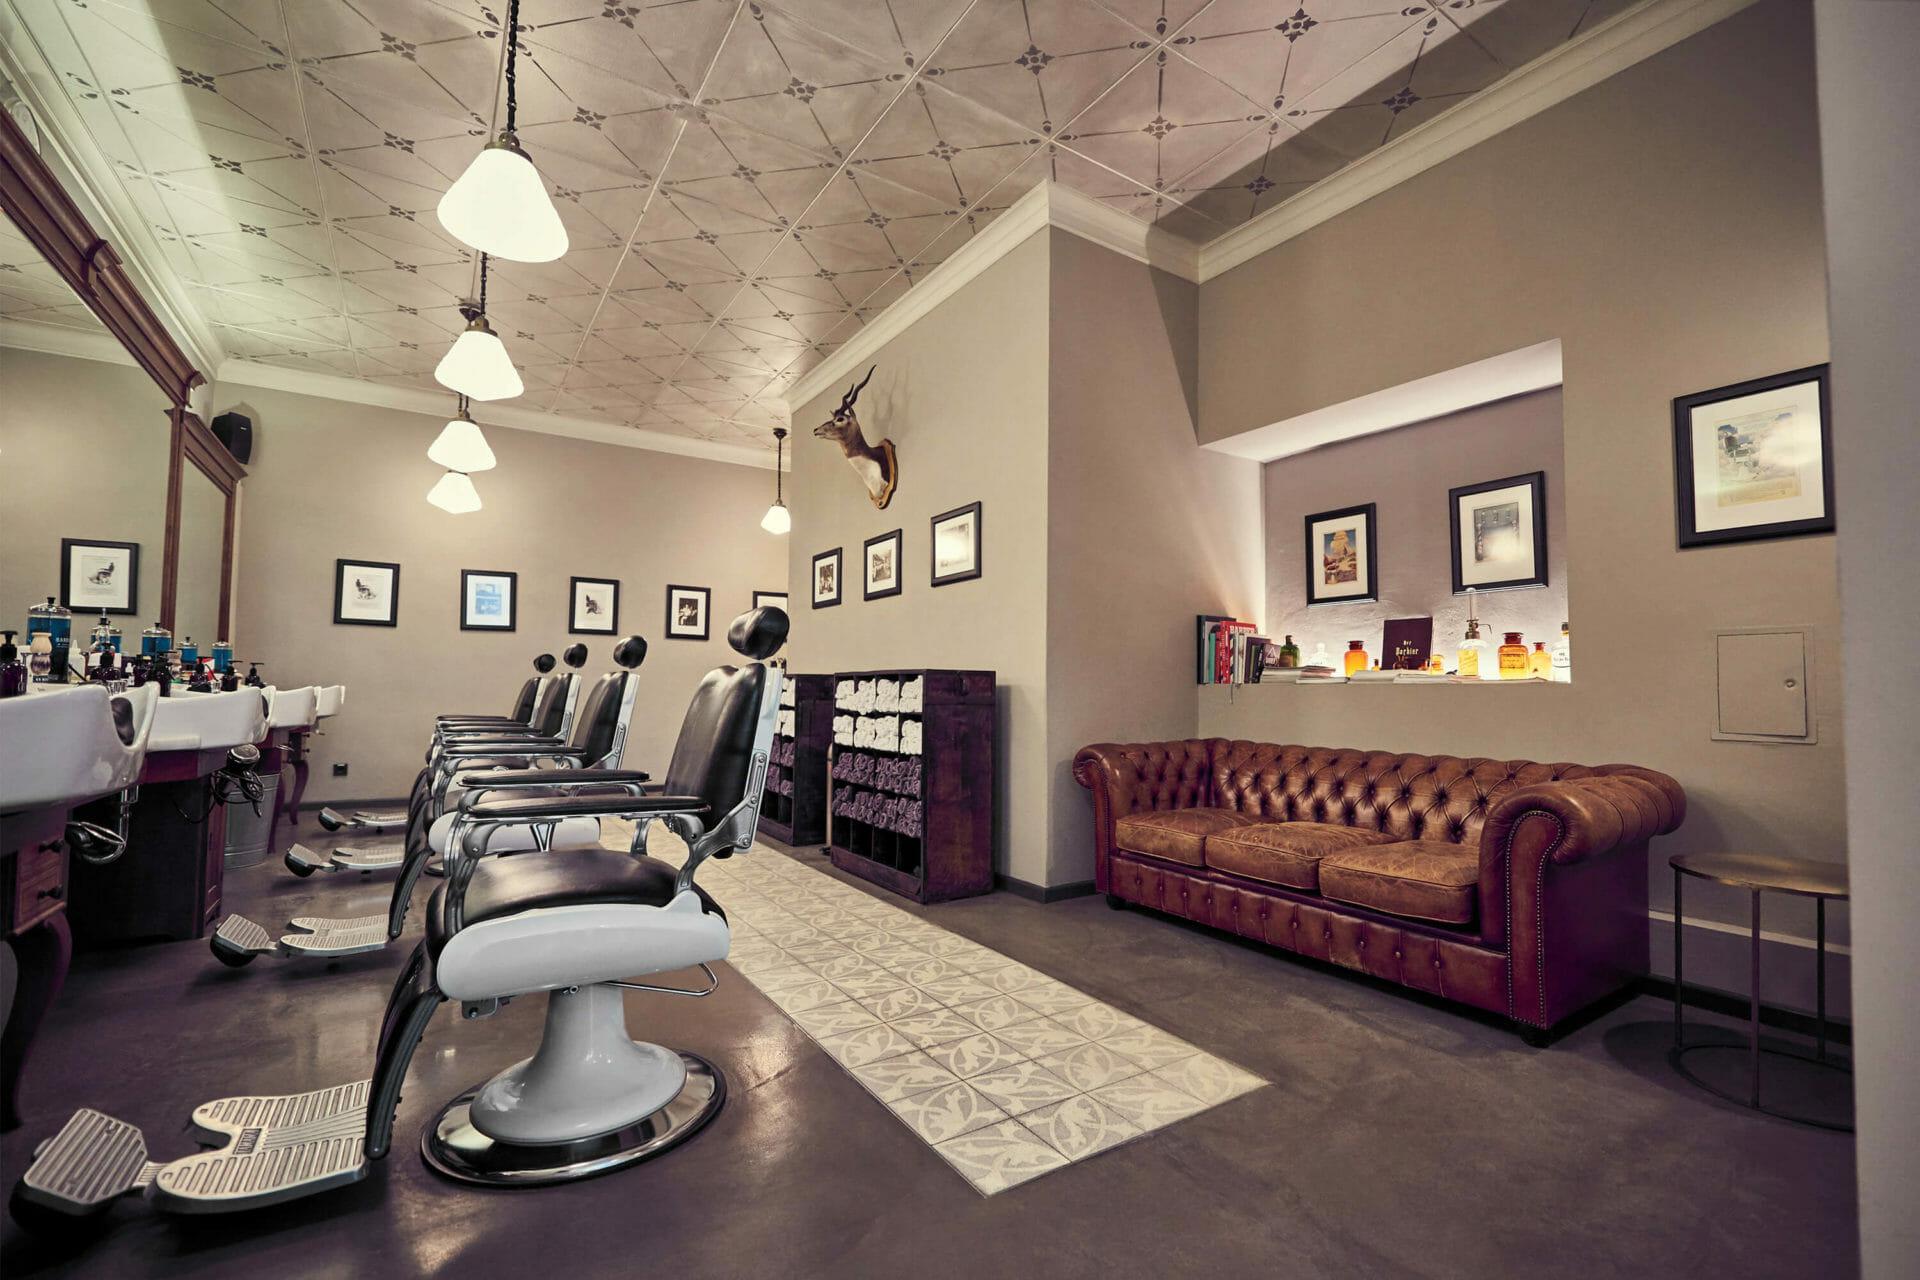 Barberhouse Pacellistraße